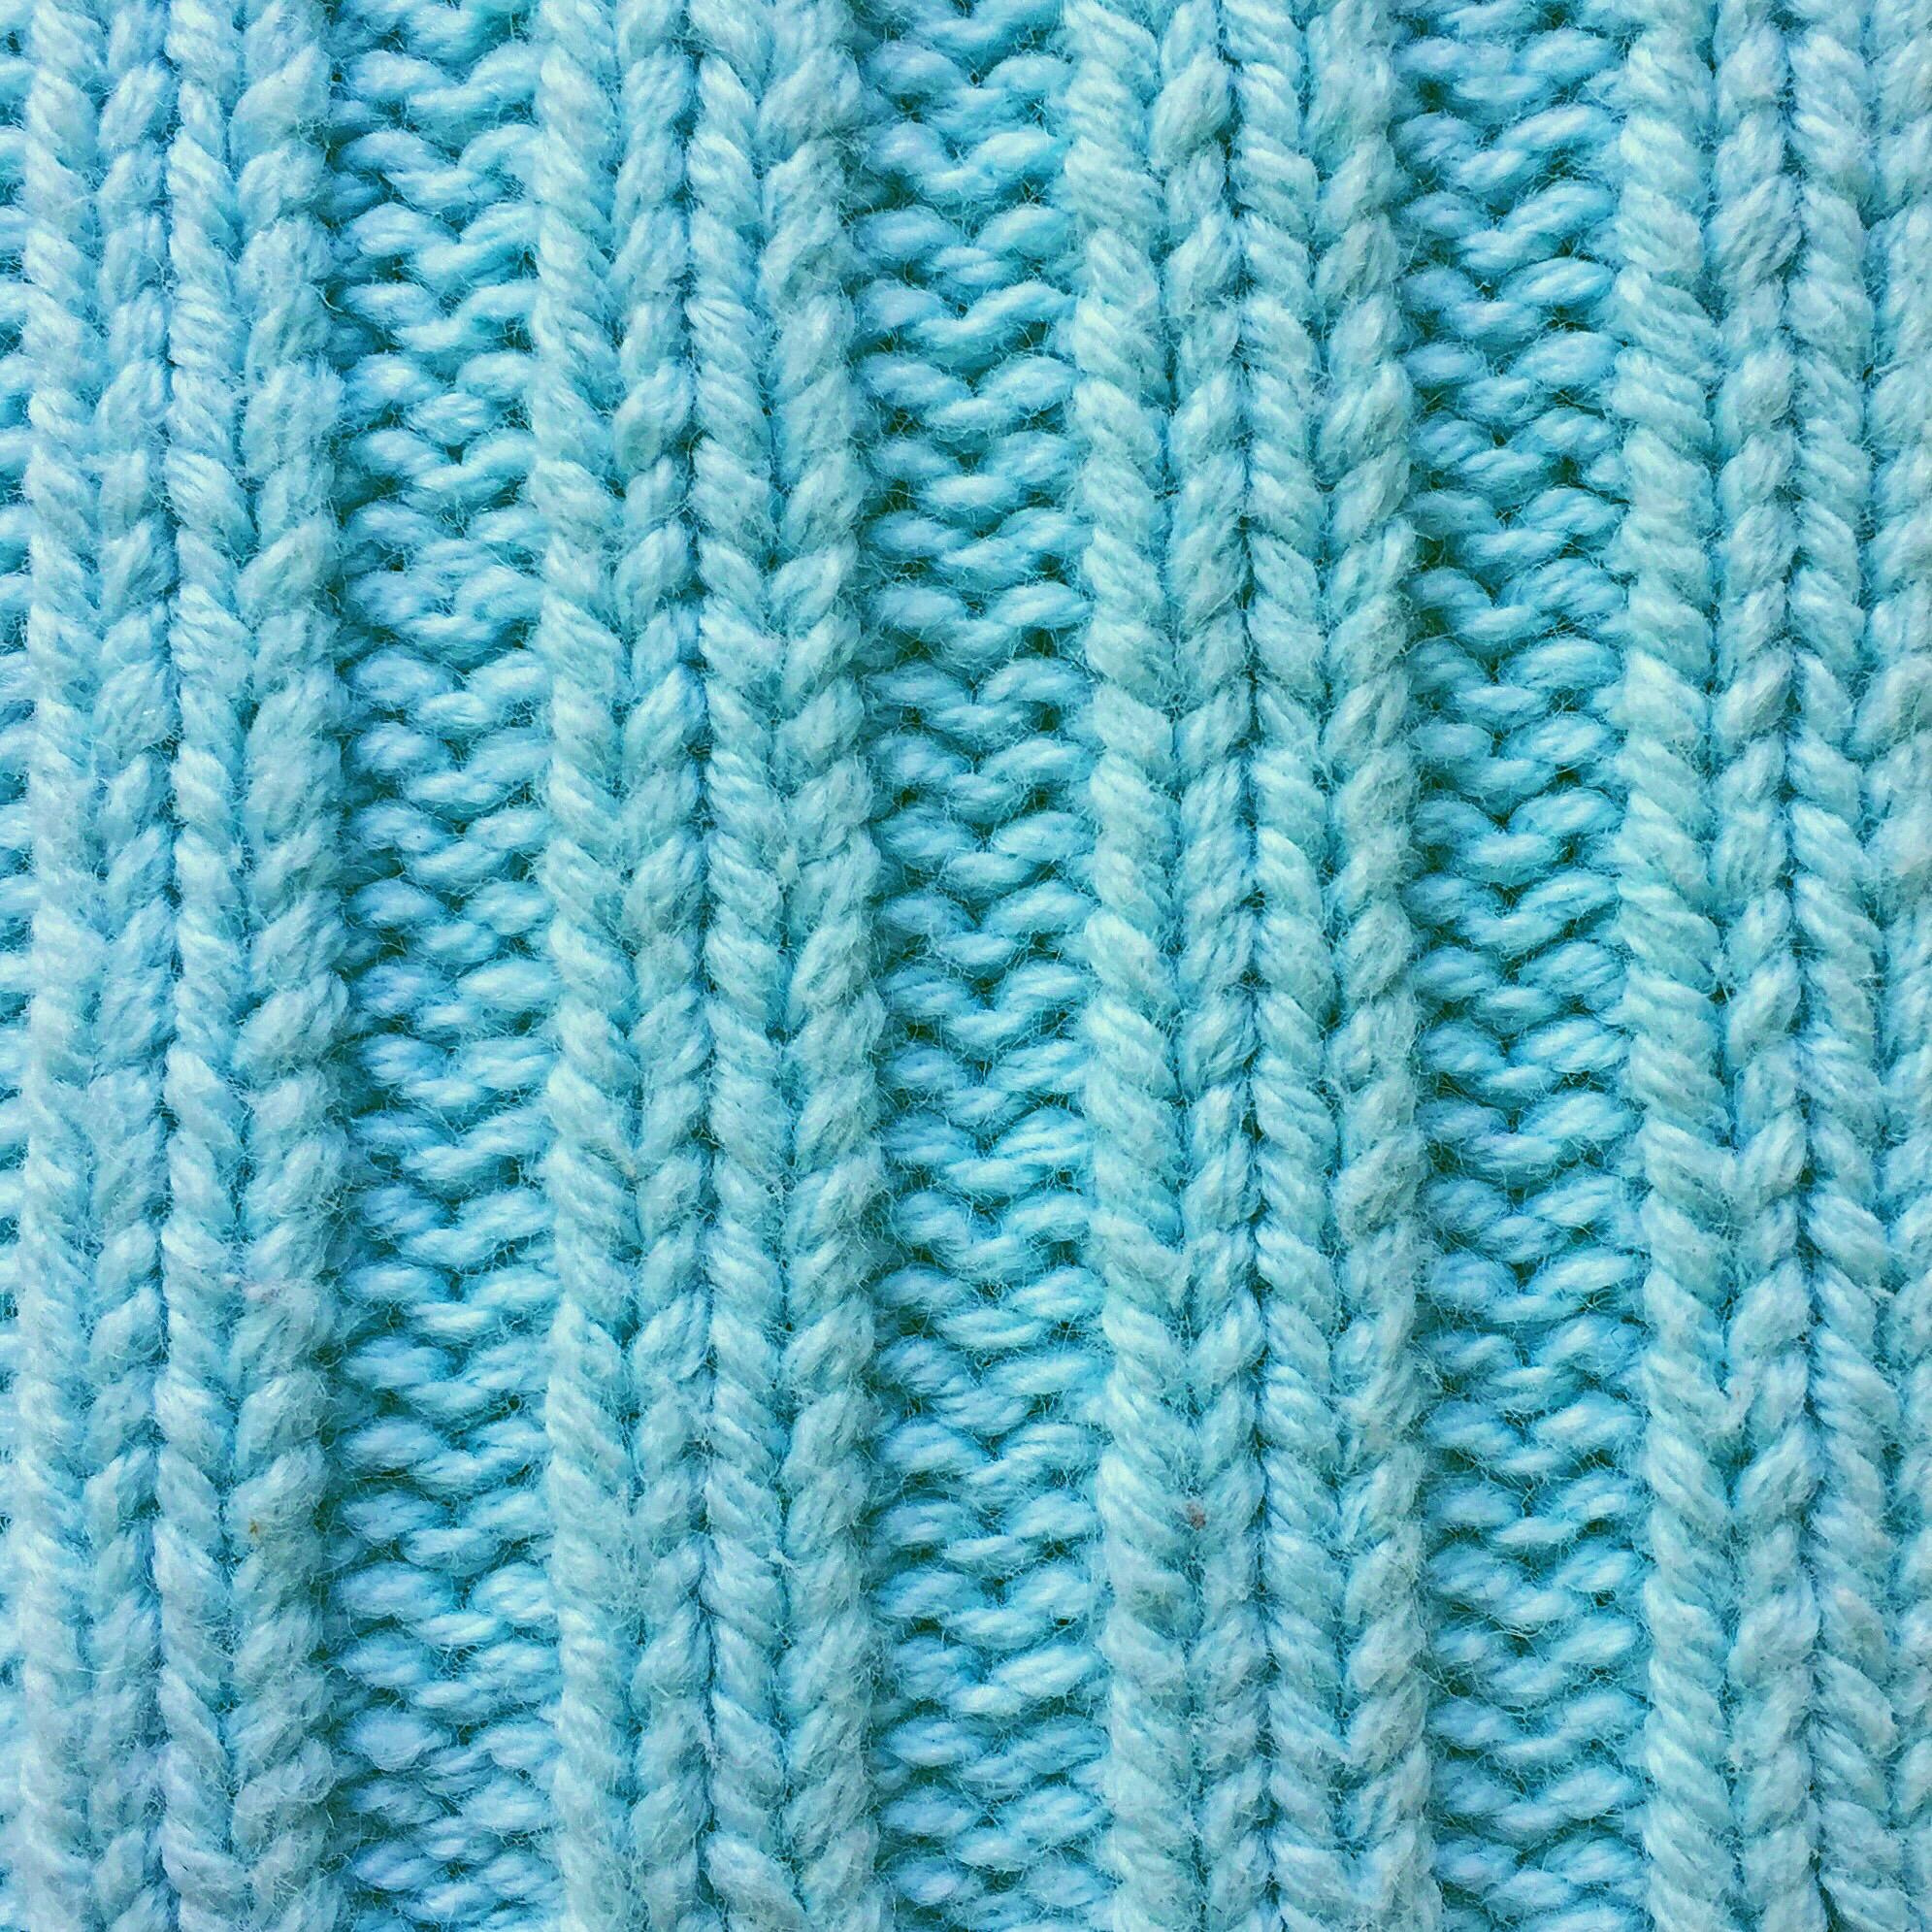 2x2 Rib Stitch How to knit